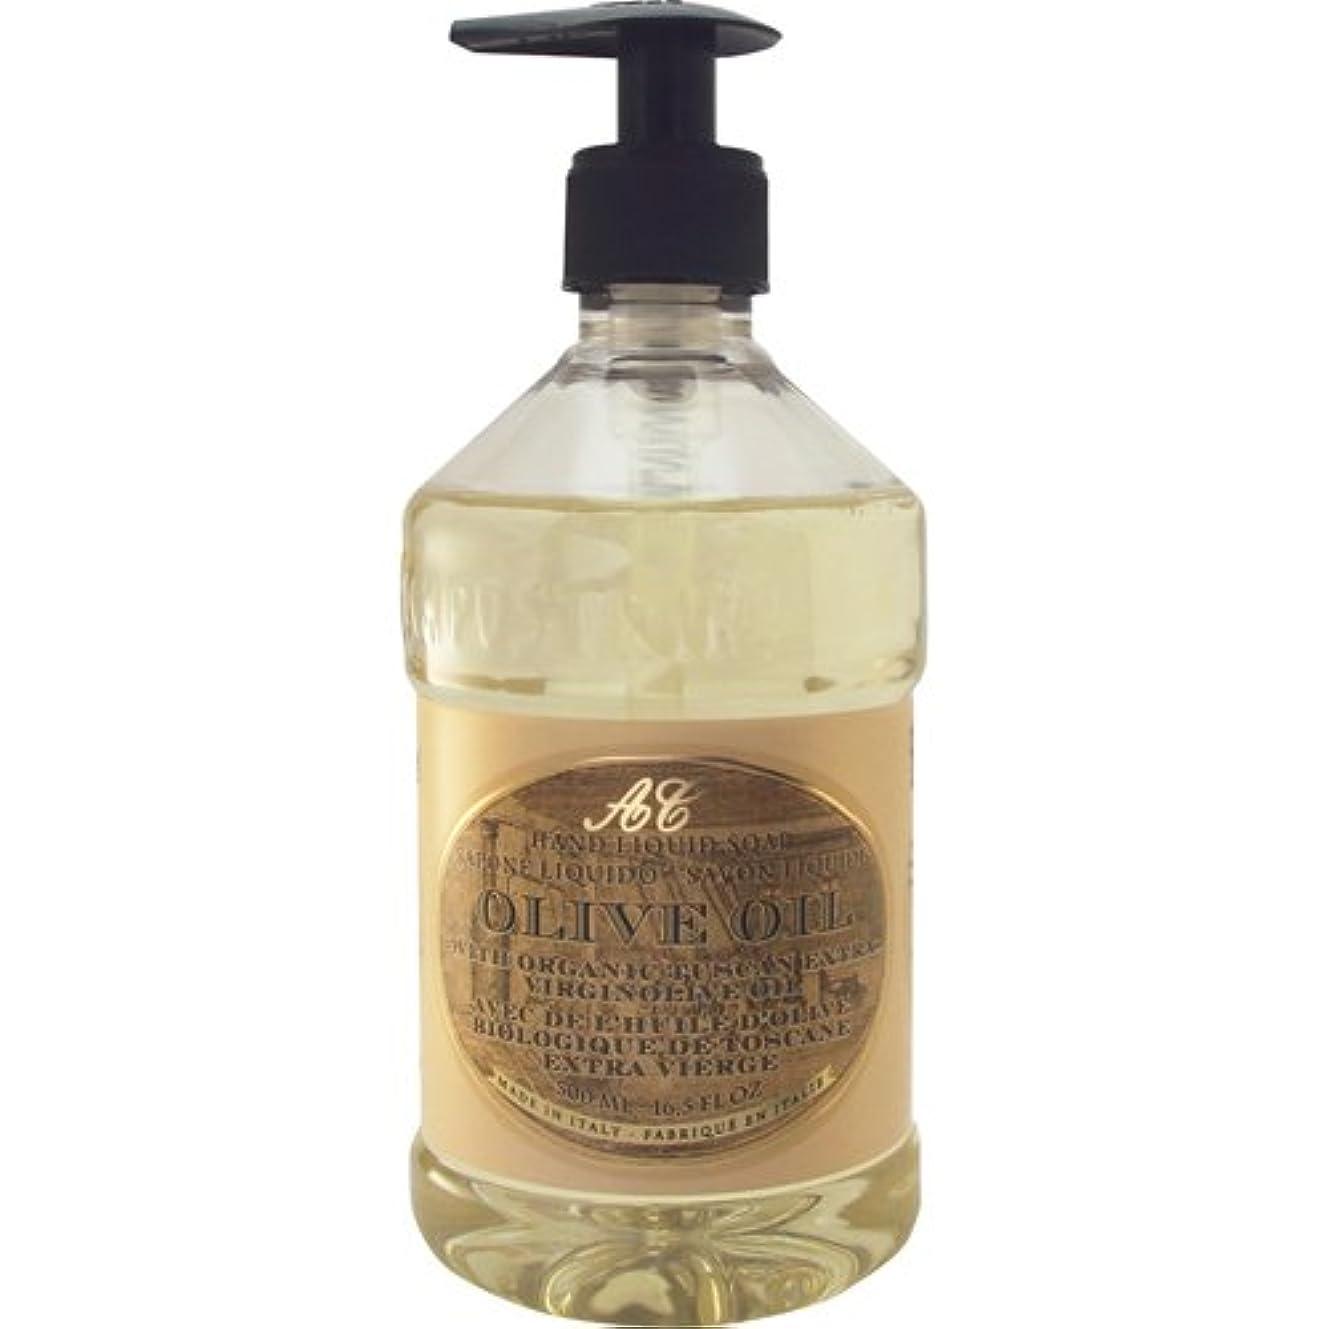 尽きるわずかな見込みSaponerire Fissi レトロシリーズ Liquid Soap リキッドソープ 500ml Olive Oil オリーブオイル